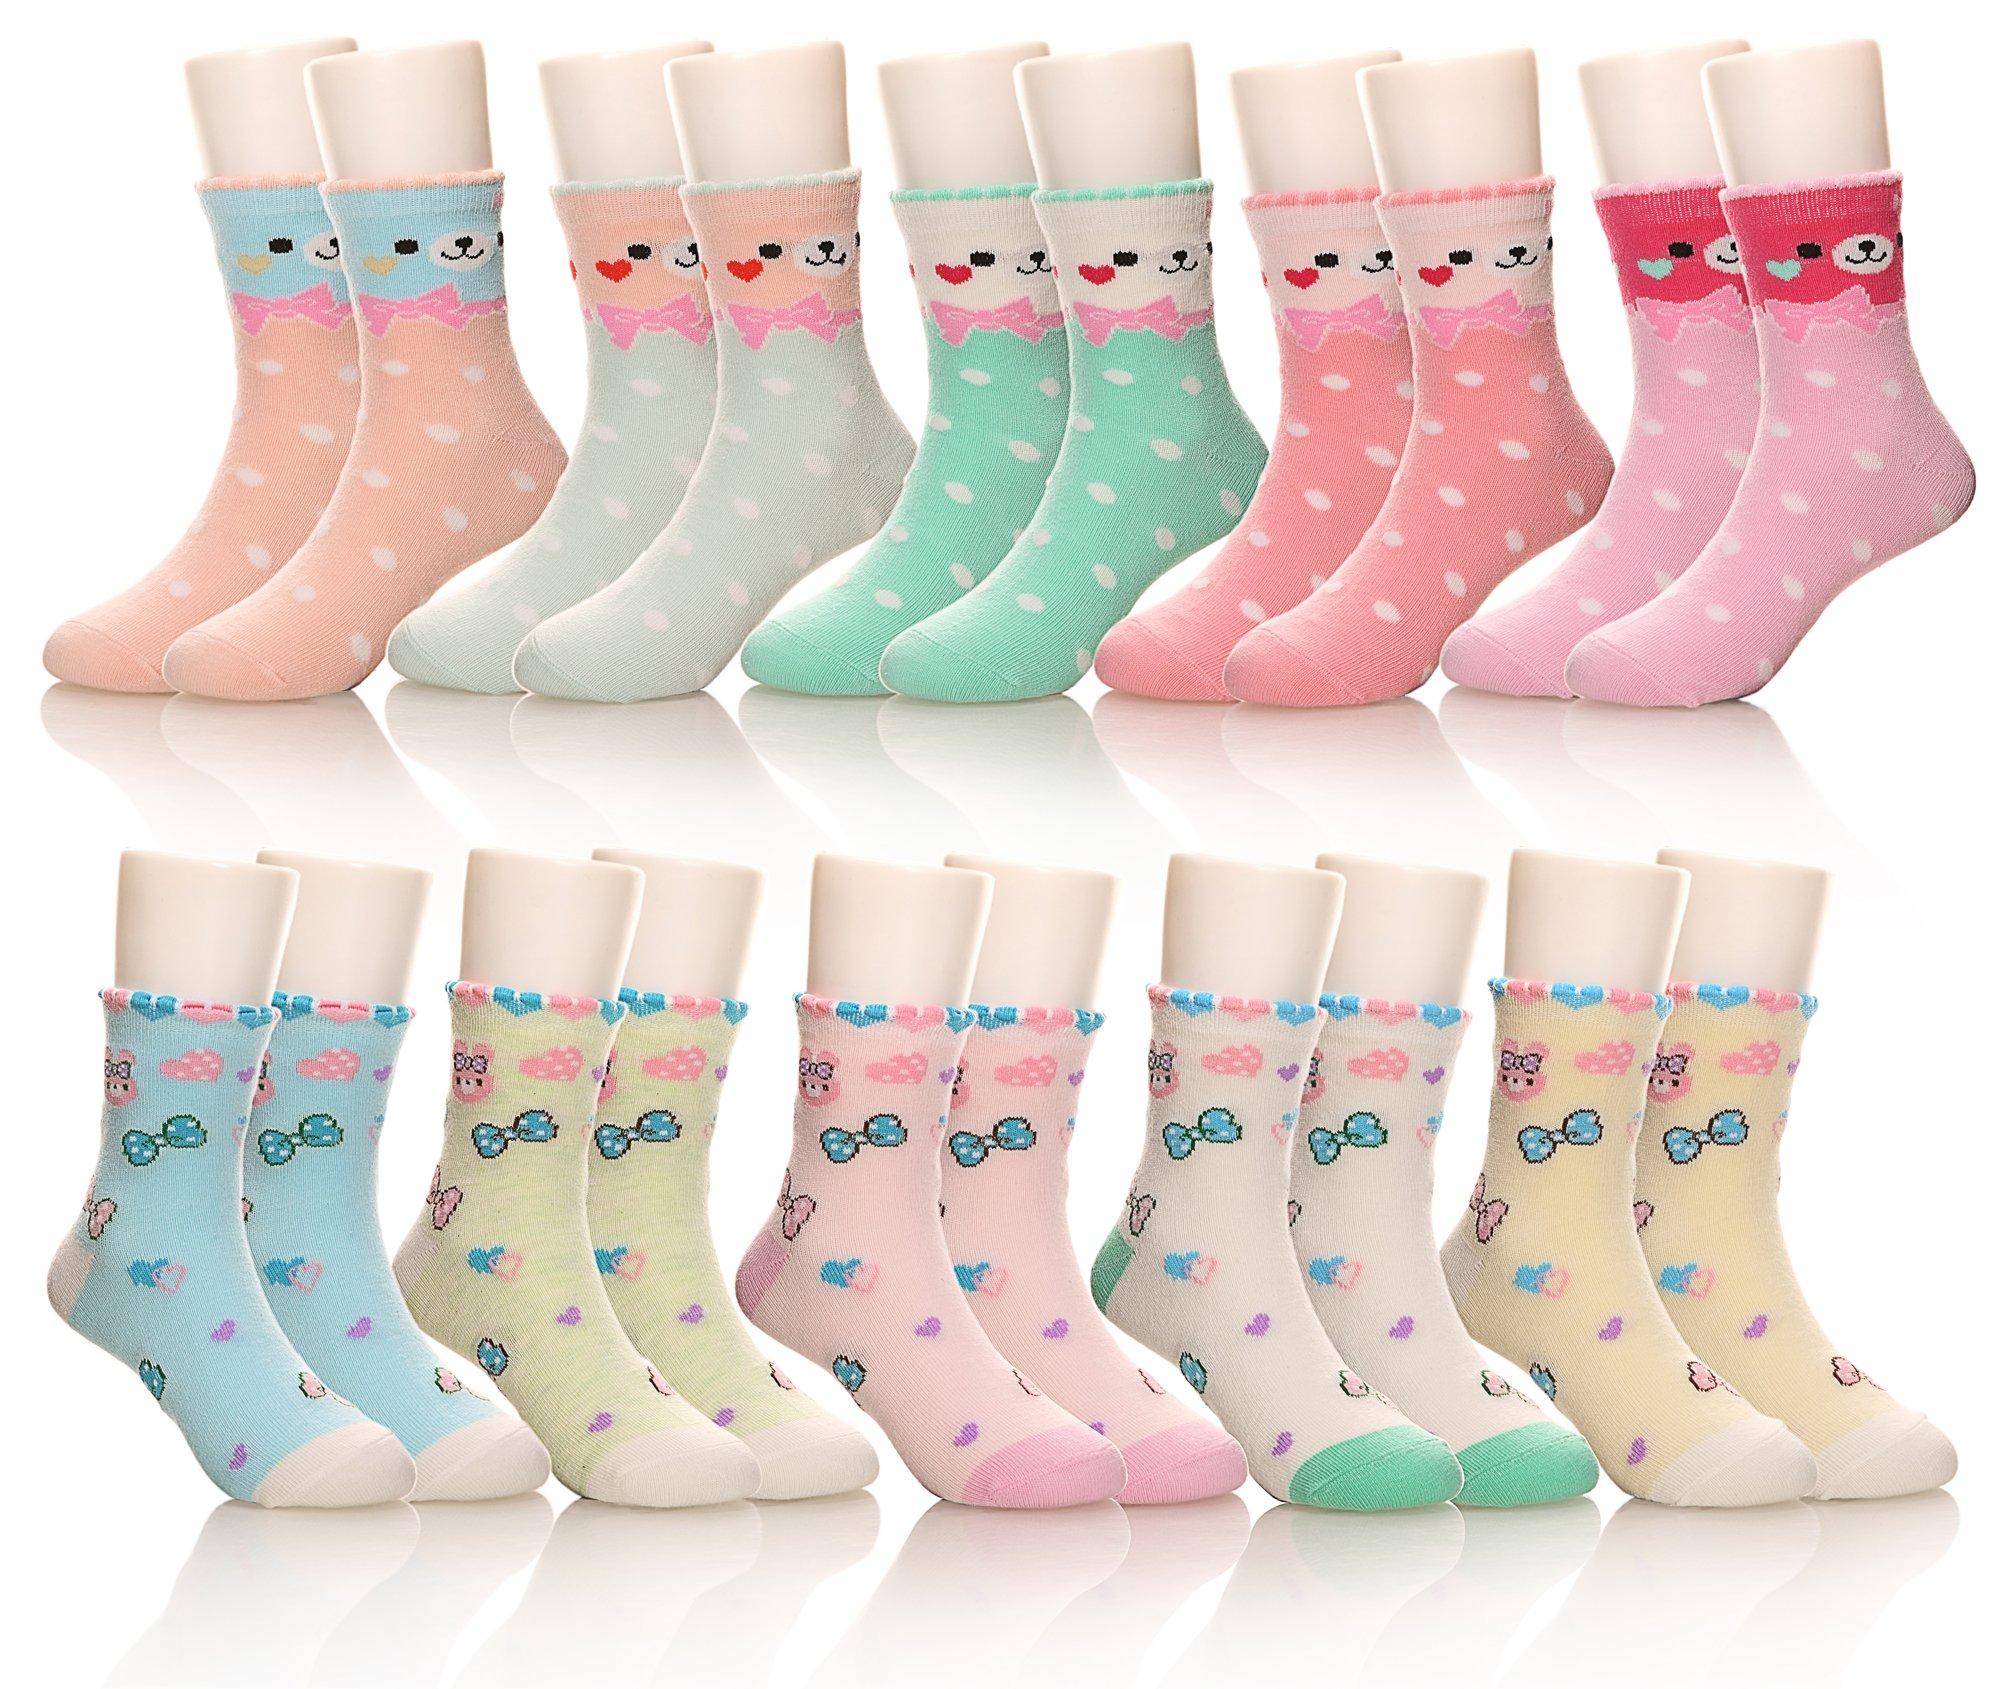 10 Pack Kids Girls Boys Toddler Little Socks Soft Cotton Cute Breathable Crew Socks (5-8 Years, Bear/Rabbit)